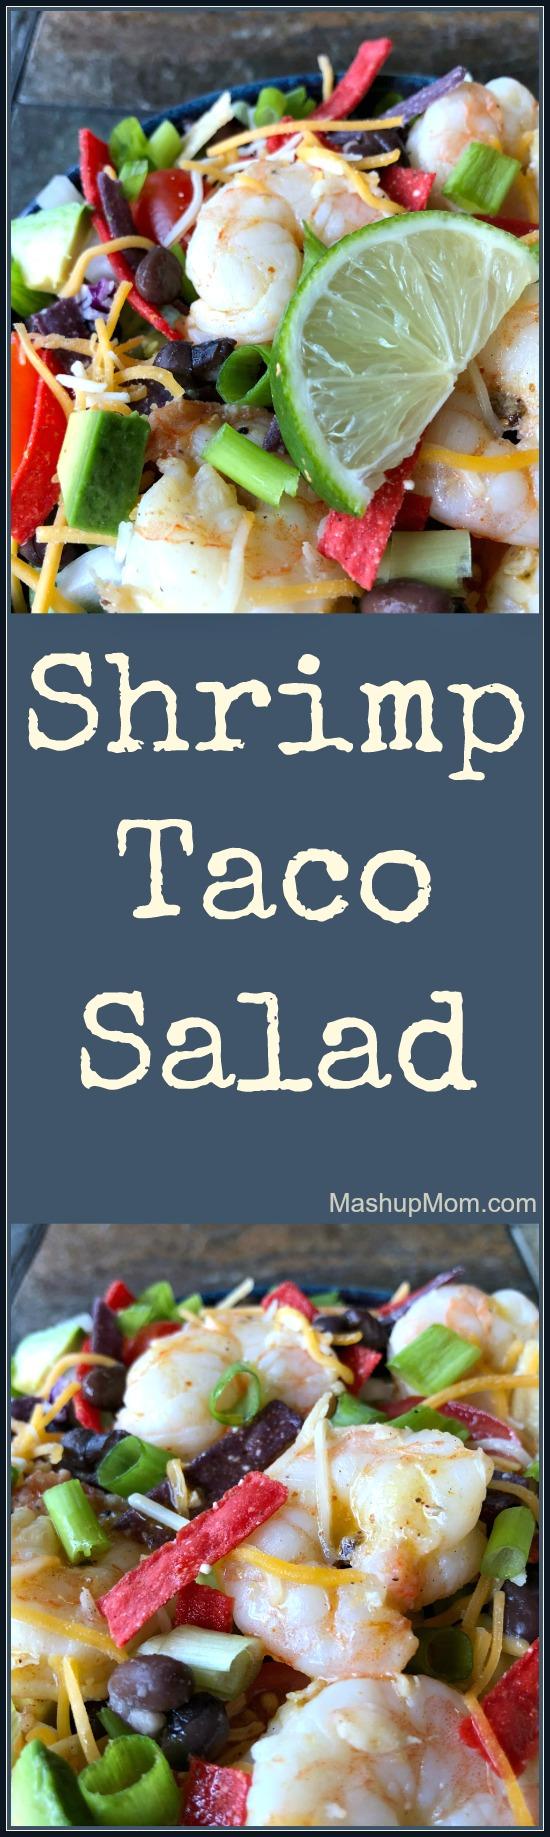 Shrimp Taco Salad With Homemade Marinade Dressing